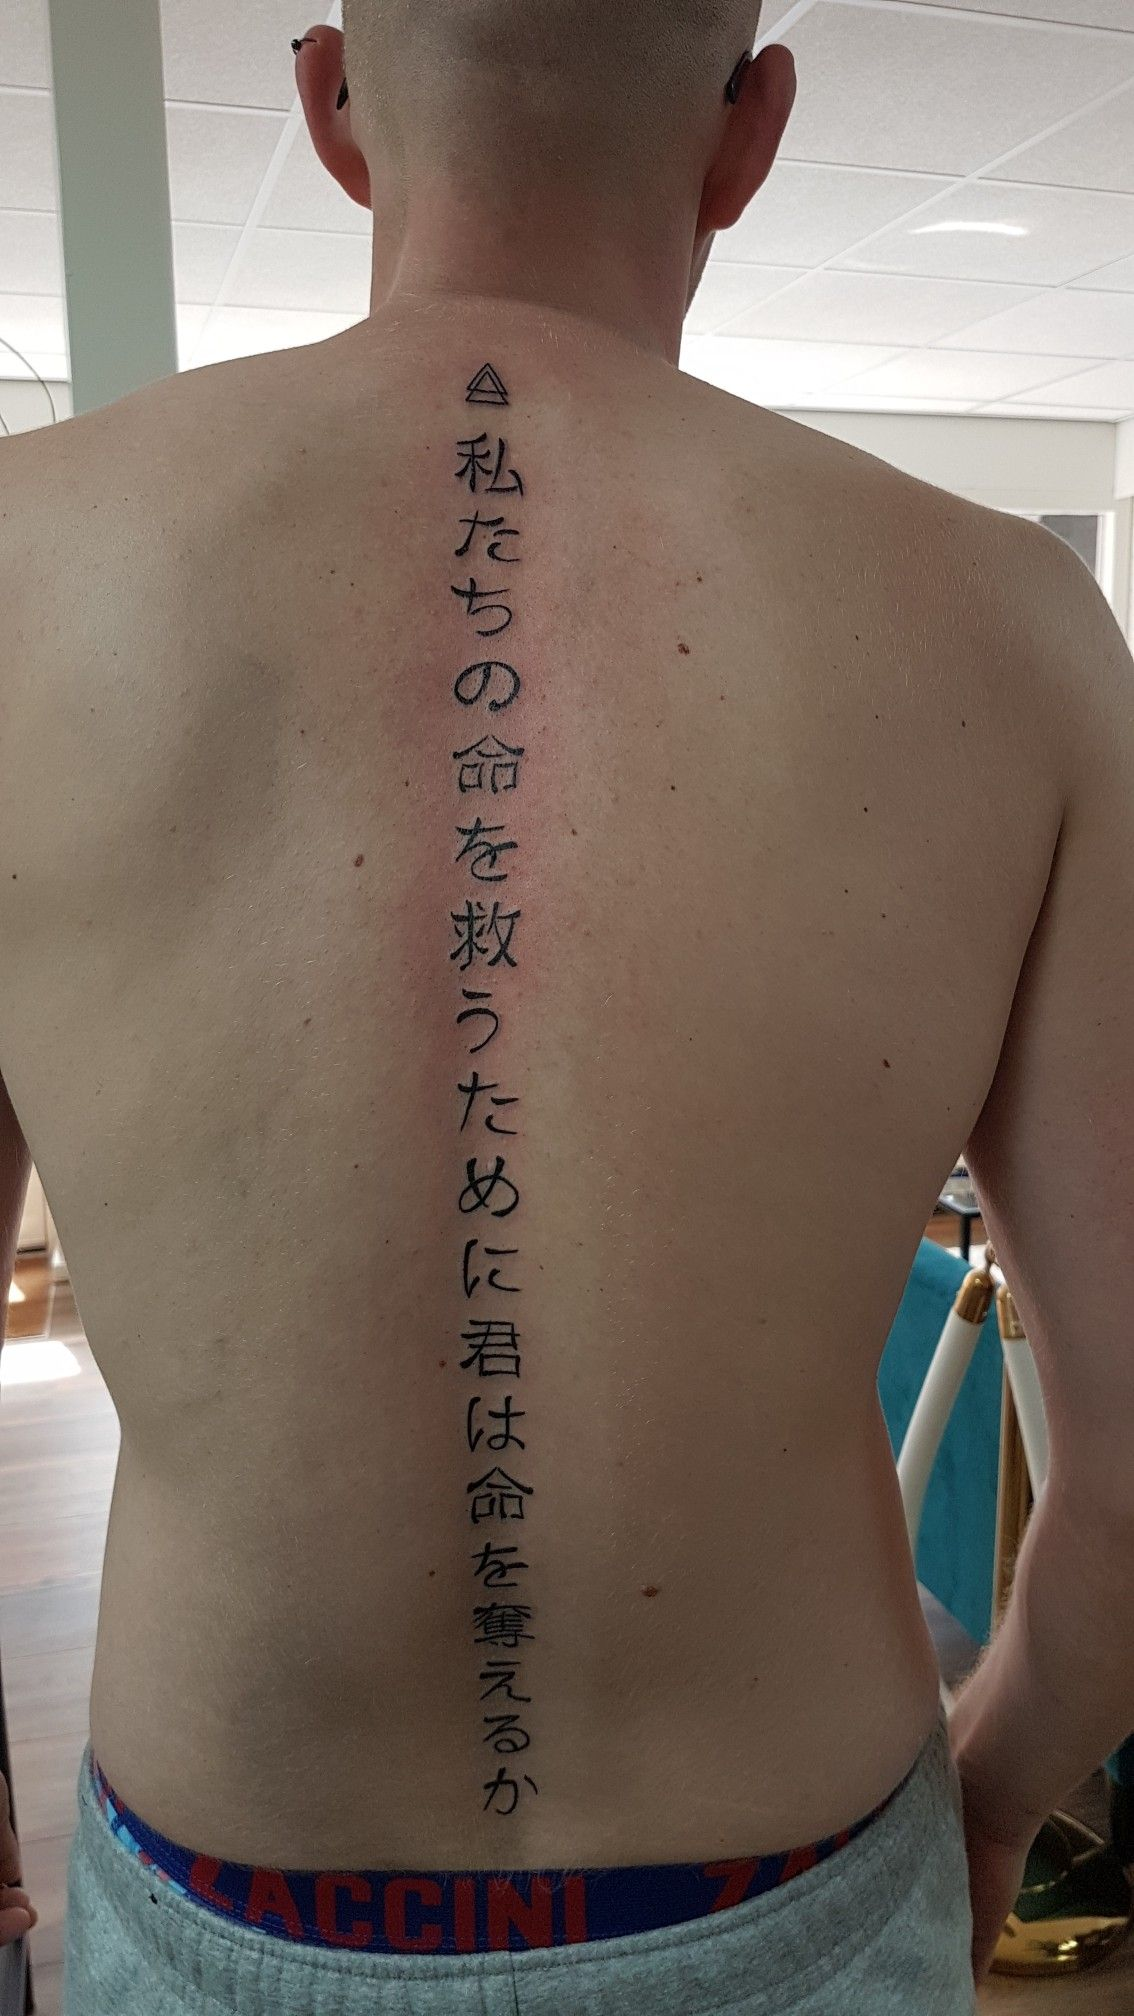 Tattoo japanese kanji quote hurricane past present future tattoo japanese kanji quote hurricane past present future biocorpaavc Images